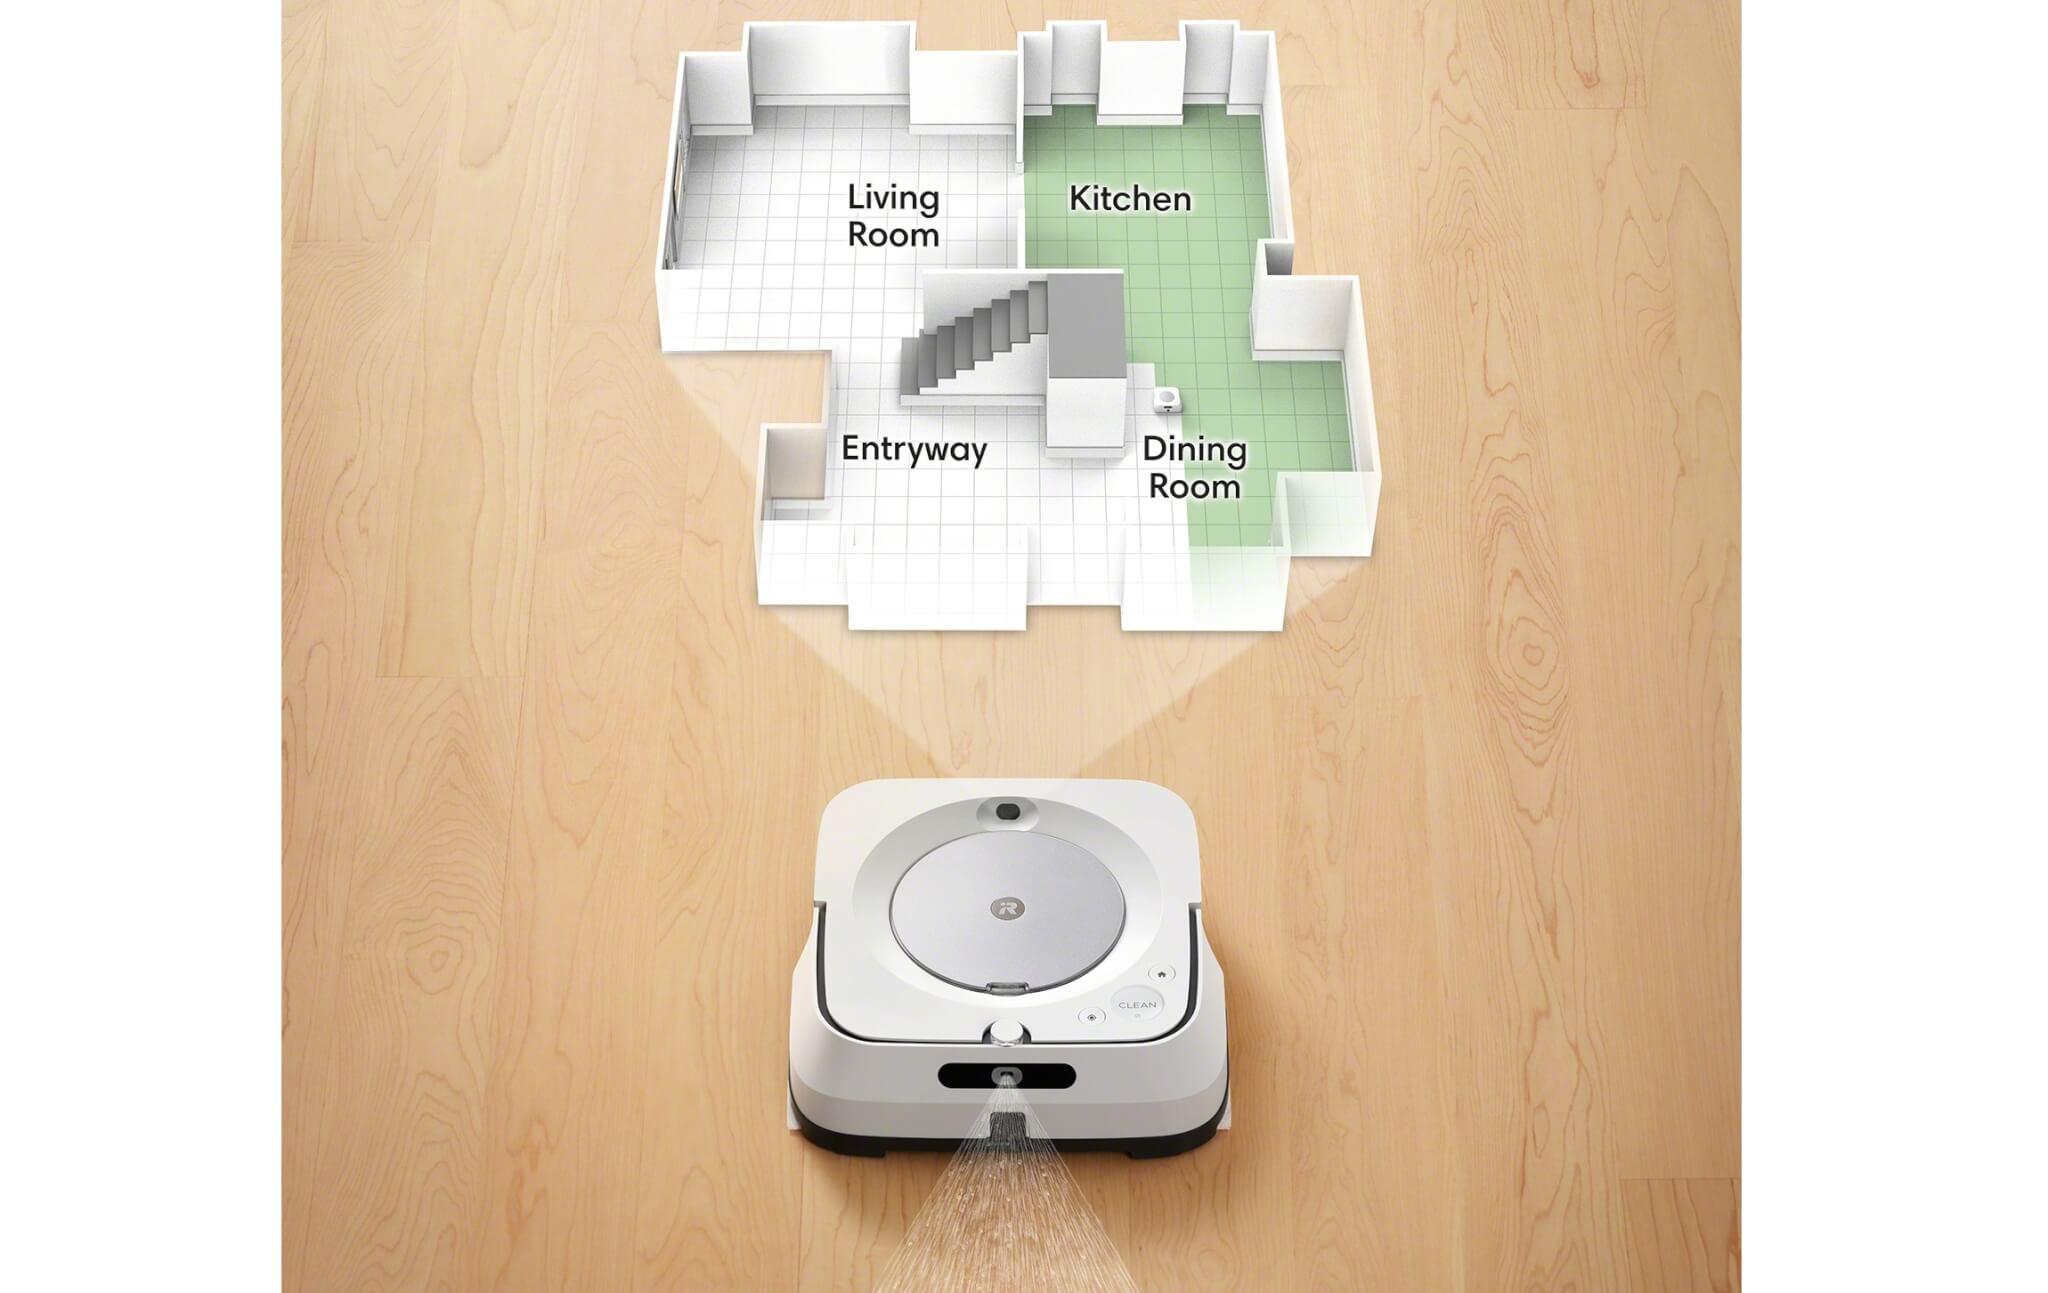 新型ブラーバ ジェット m6の特徴 間取りを記憶し指定の部屋だけ掃除可能